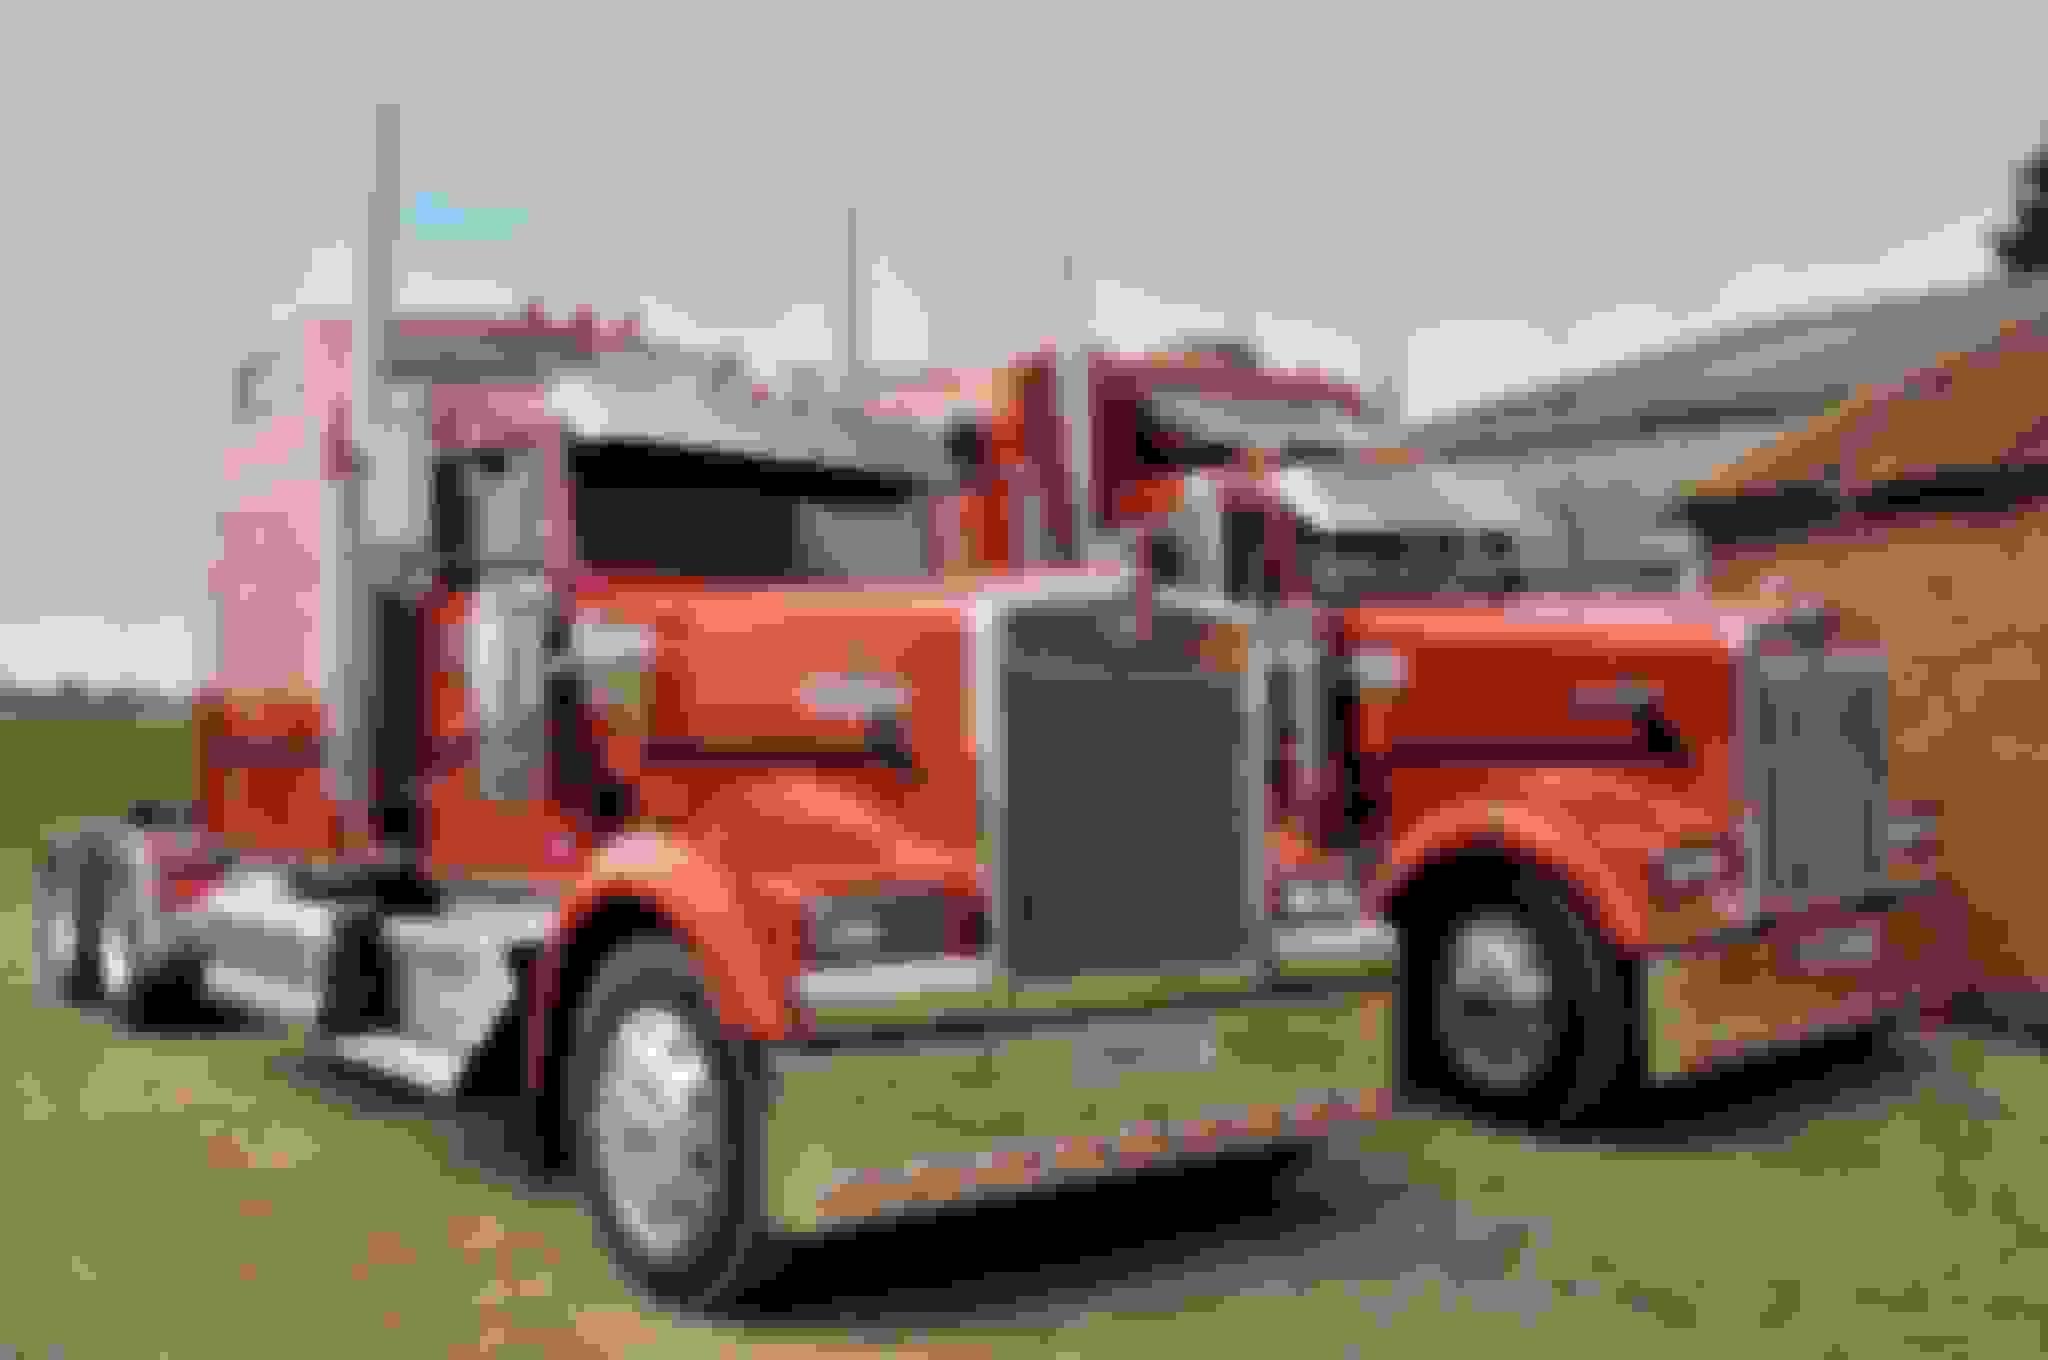 Clive Shaw Trucking - Sat & Sun